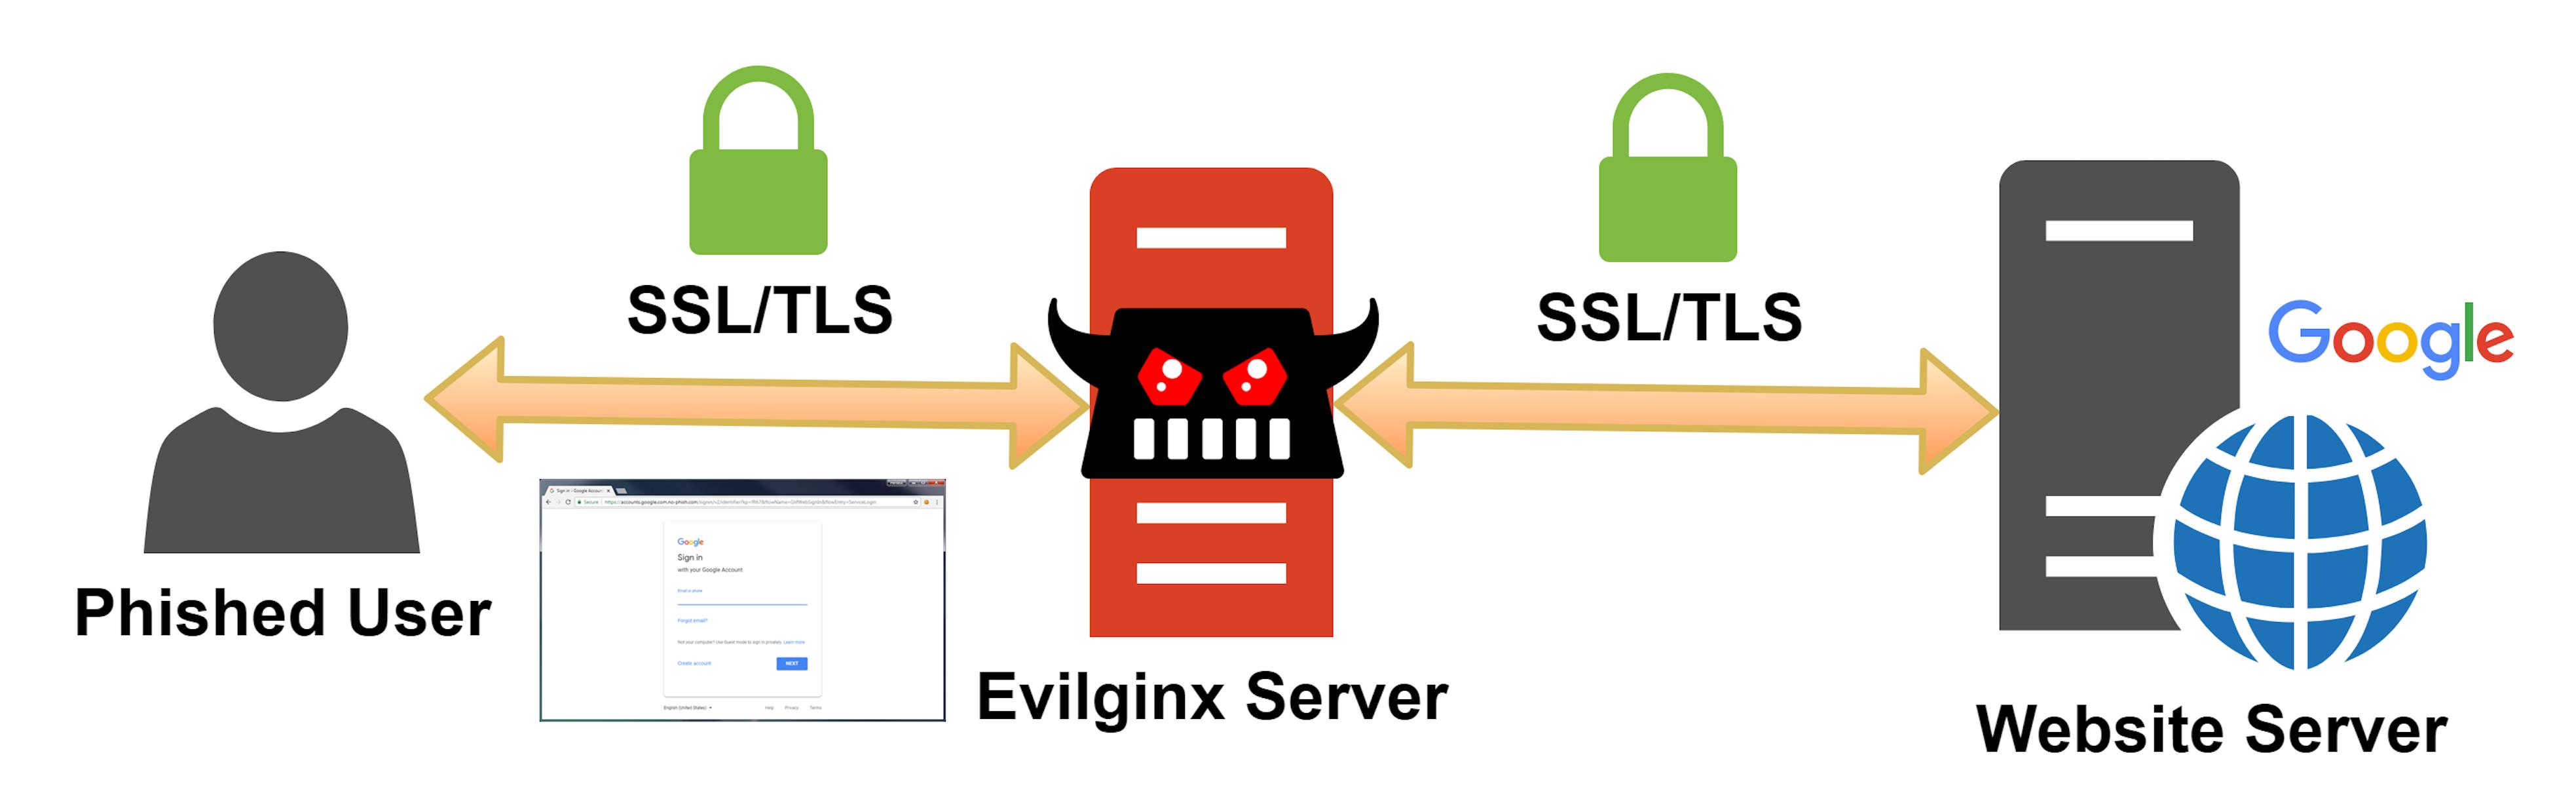 evilginx2_diagram